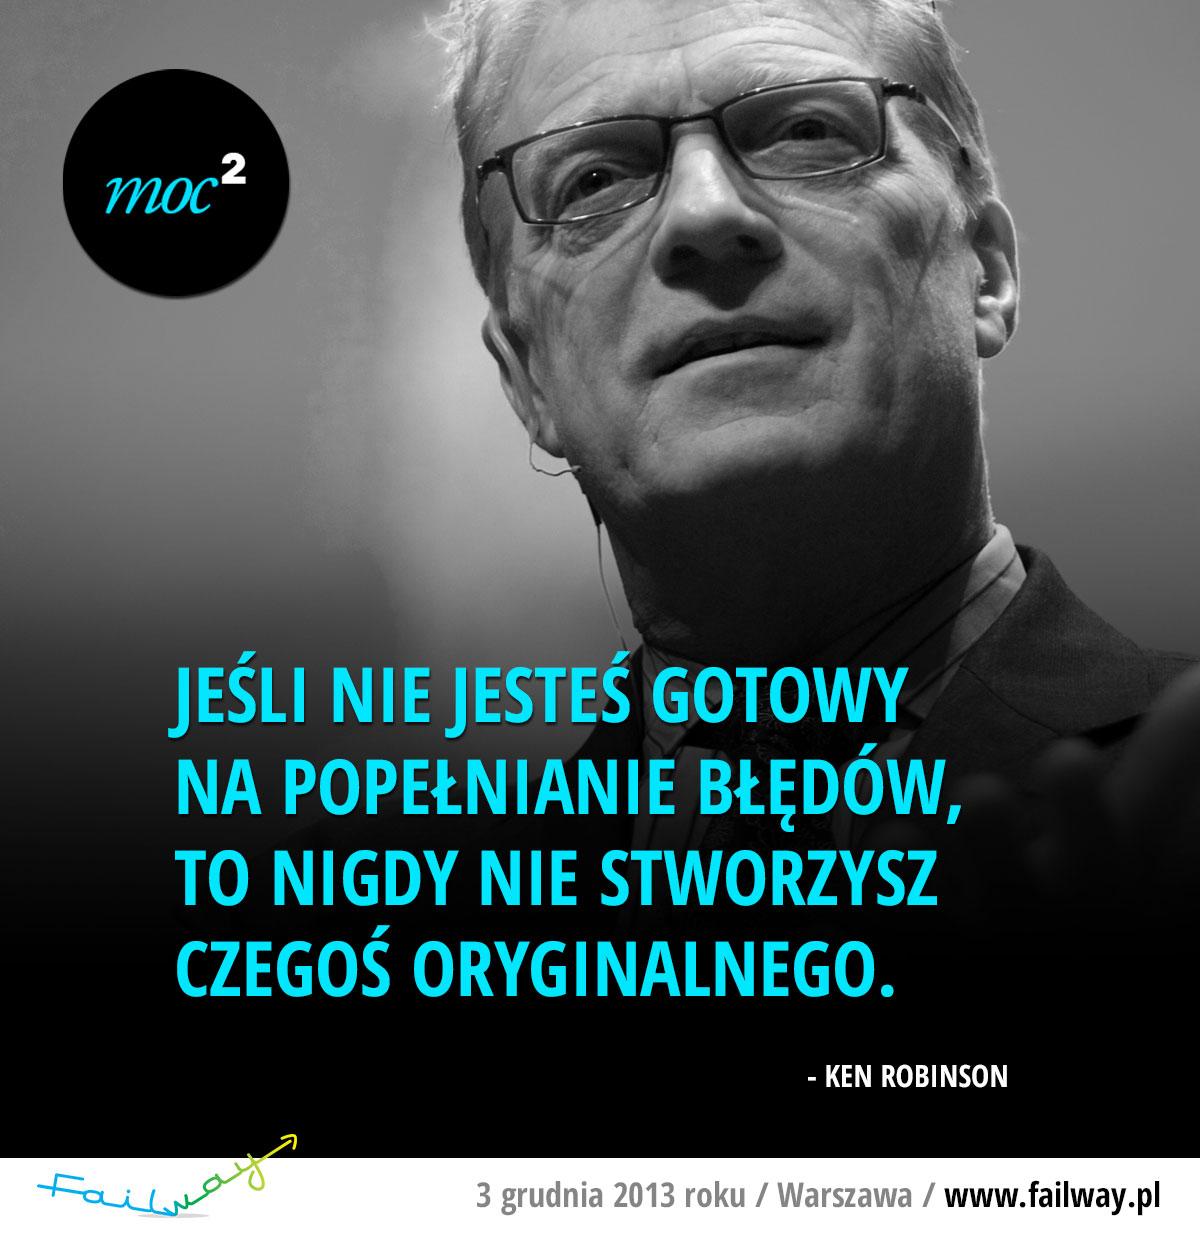 Jeśli nie jesteś gotowy na popełnianie błędów, to nigdy nie stworzysz czegoś oryginalnego. - Ken Robinson